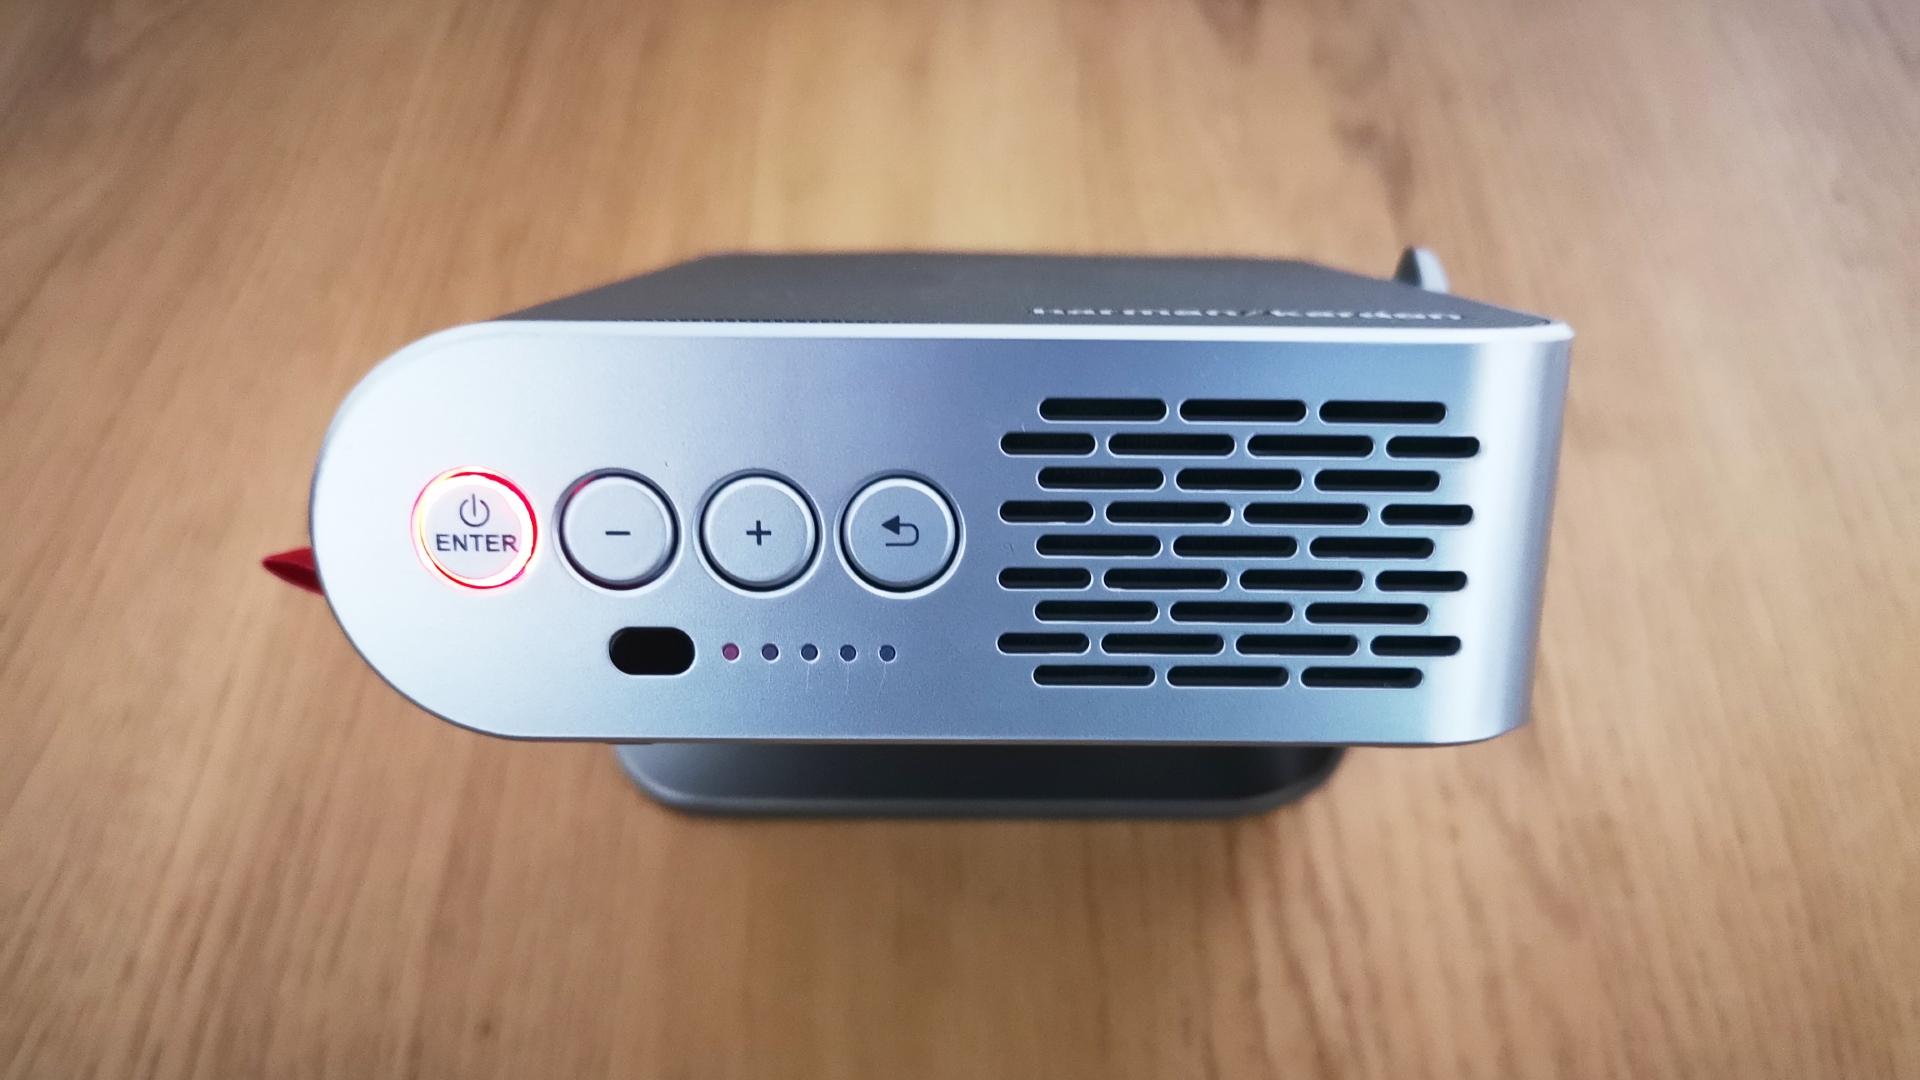 Una descripción general de los botones del dispositivo Viewsonic M1 Plus